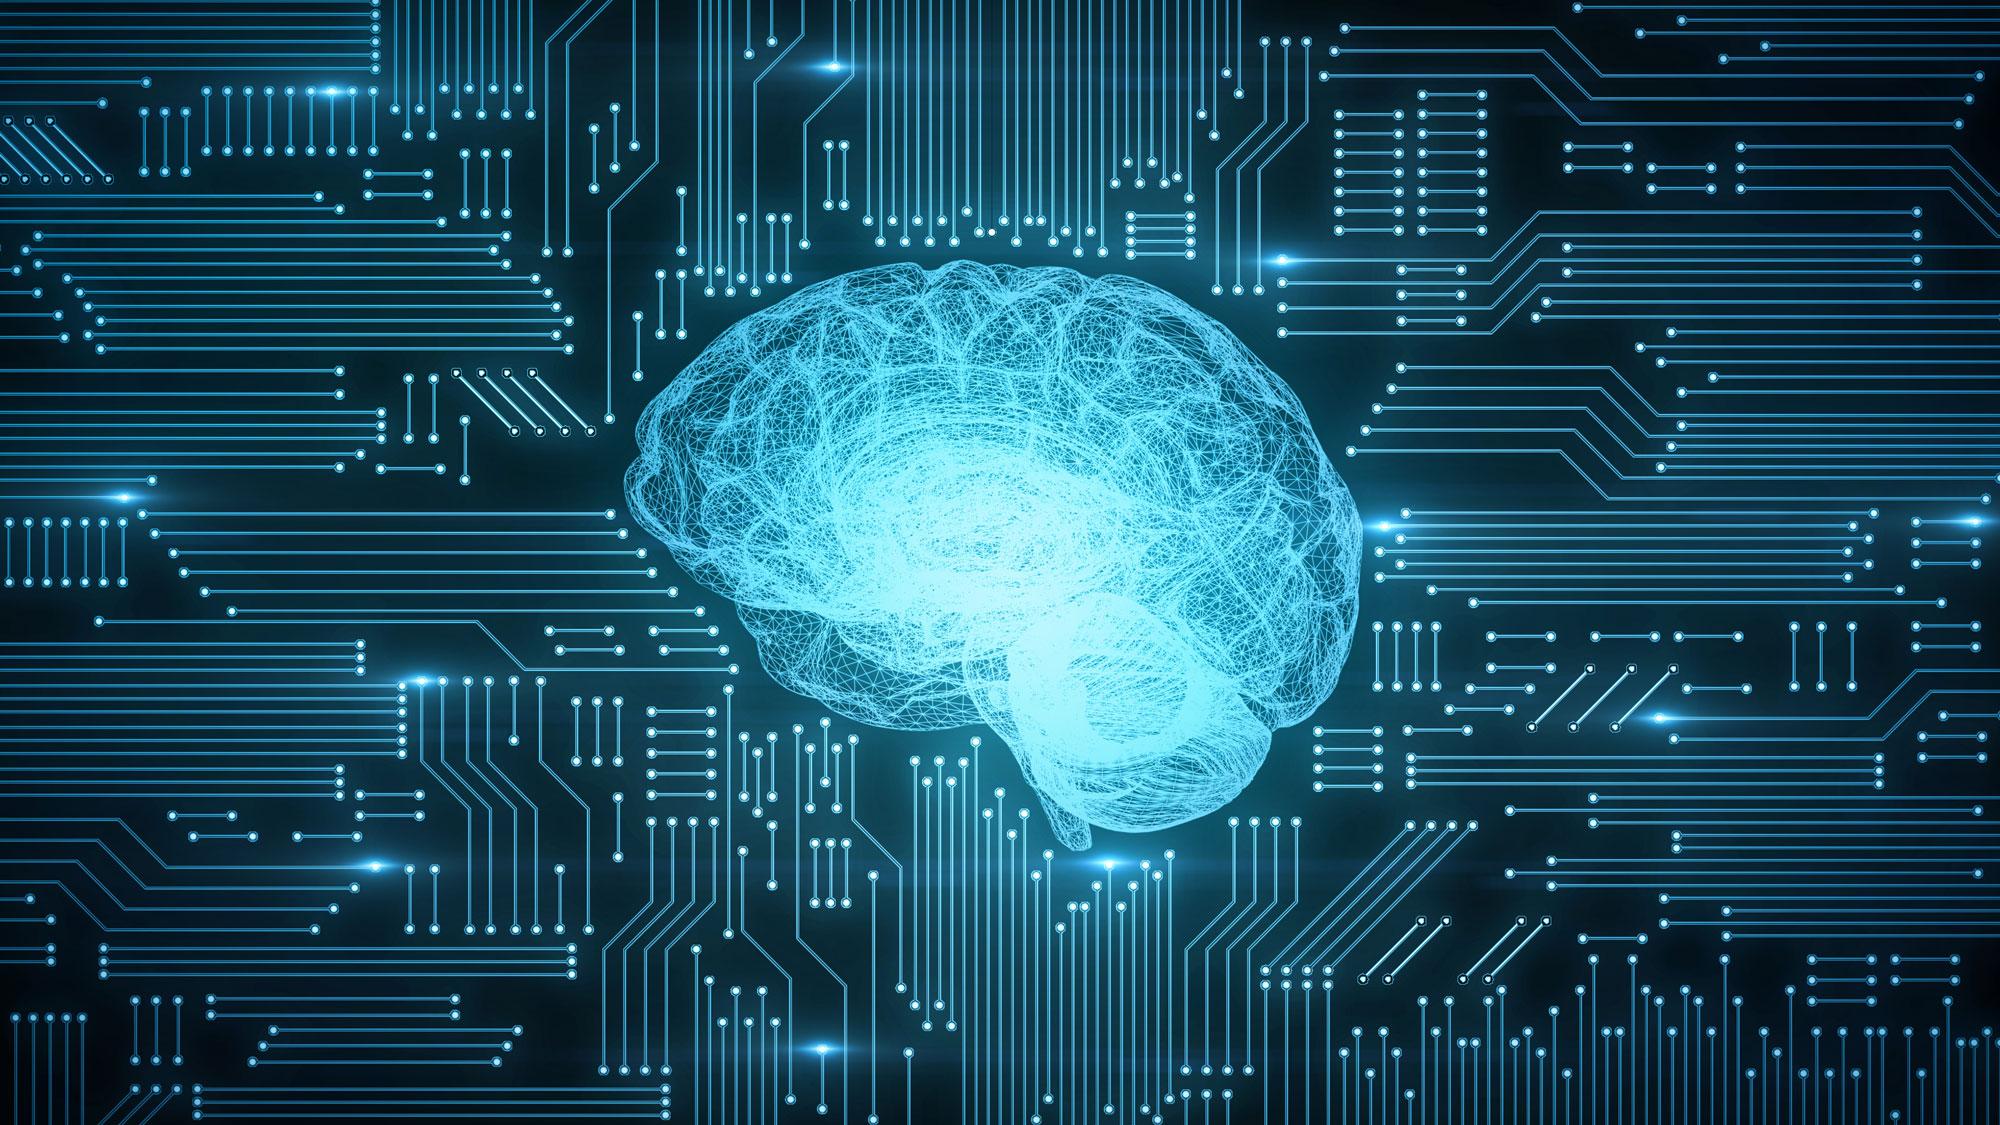 Brain glowing on circuit board.